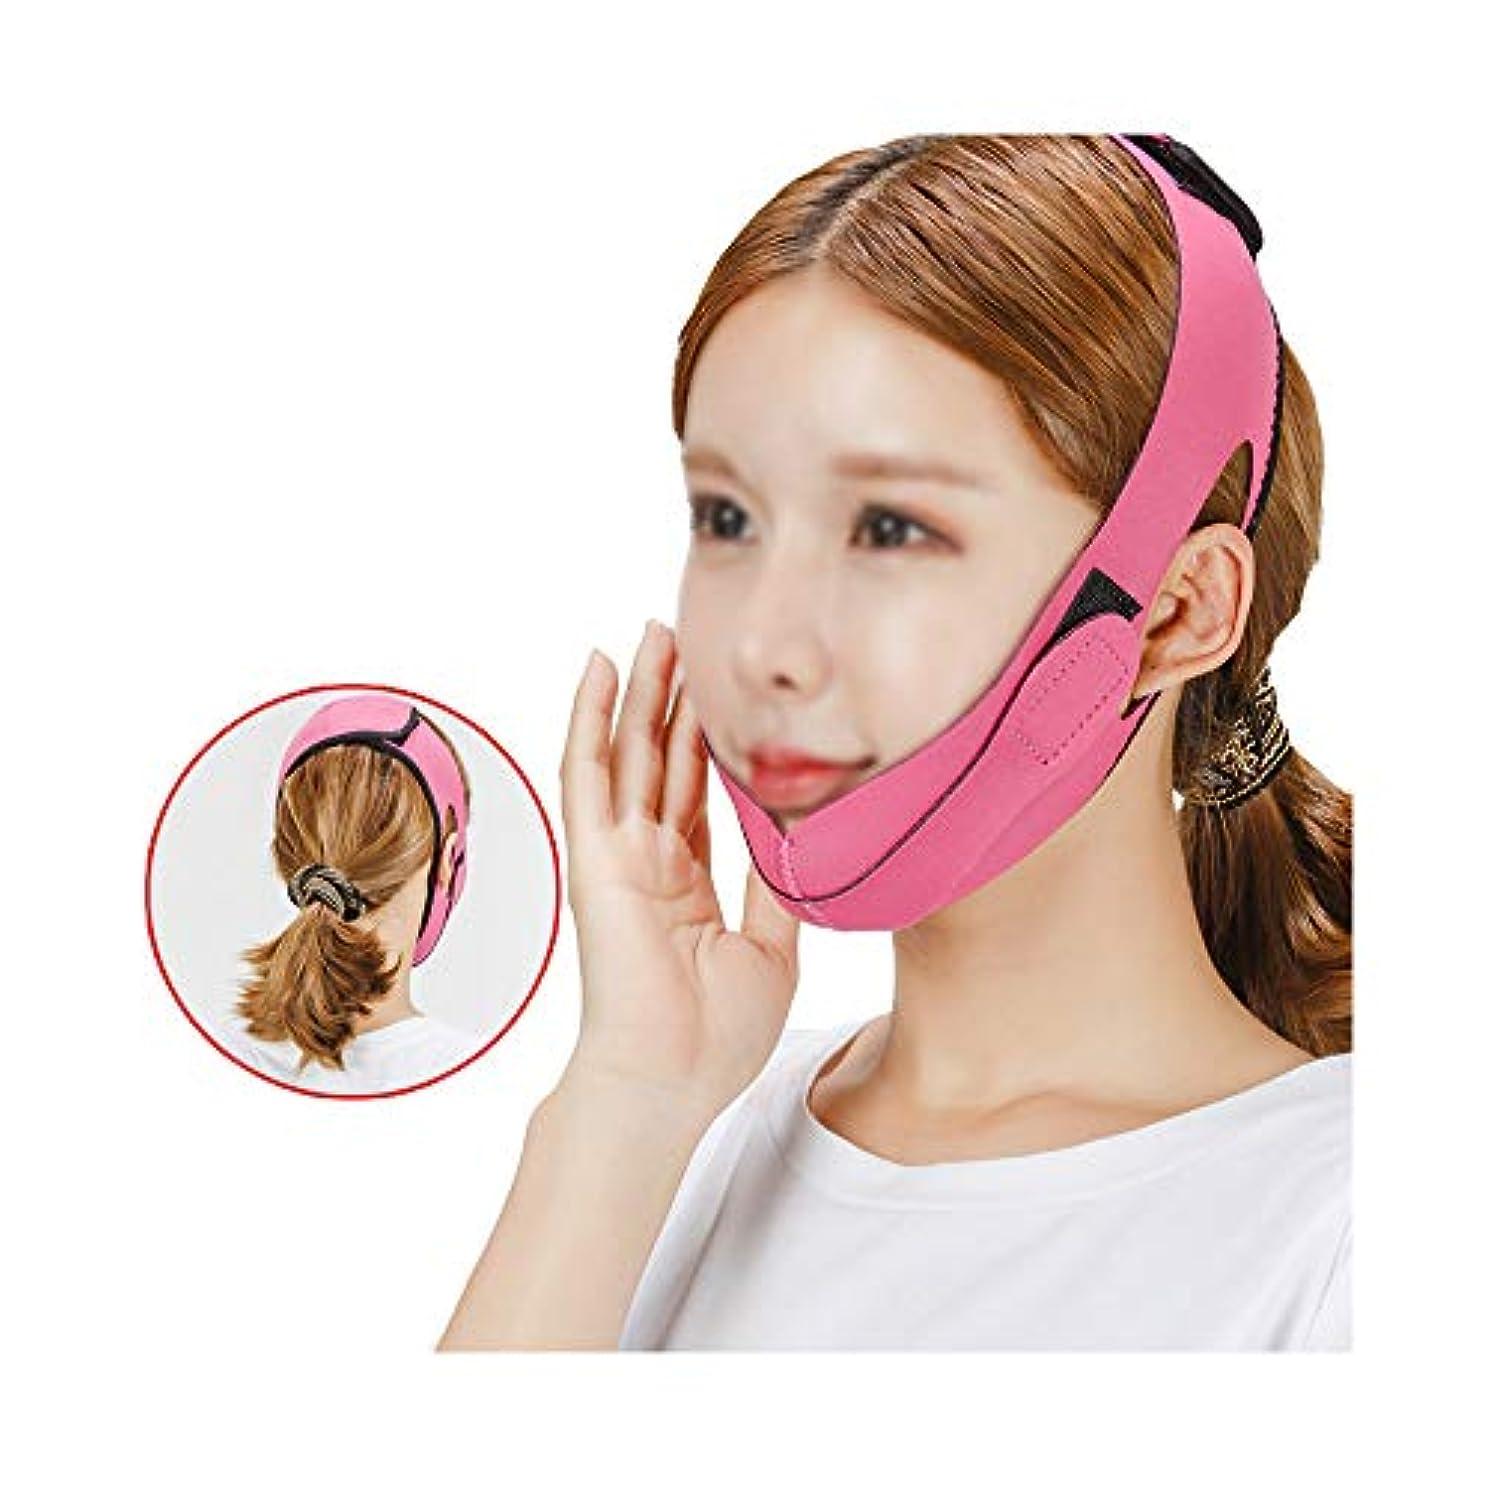 評価ピストル倍増GLJJQMY スリムベルトマスクV顔アーティファクトダブルチンリフトマスク睡眠薄いV顔包帯薄い顔ステッカー 顔用整形マスク